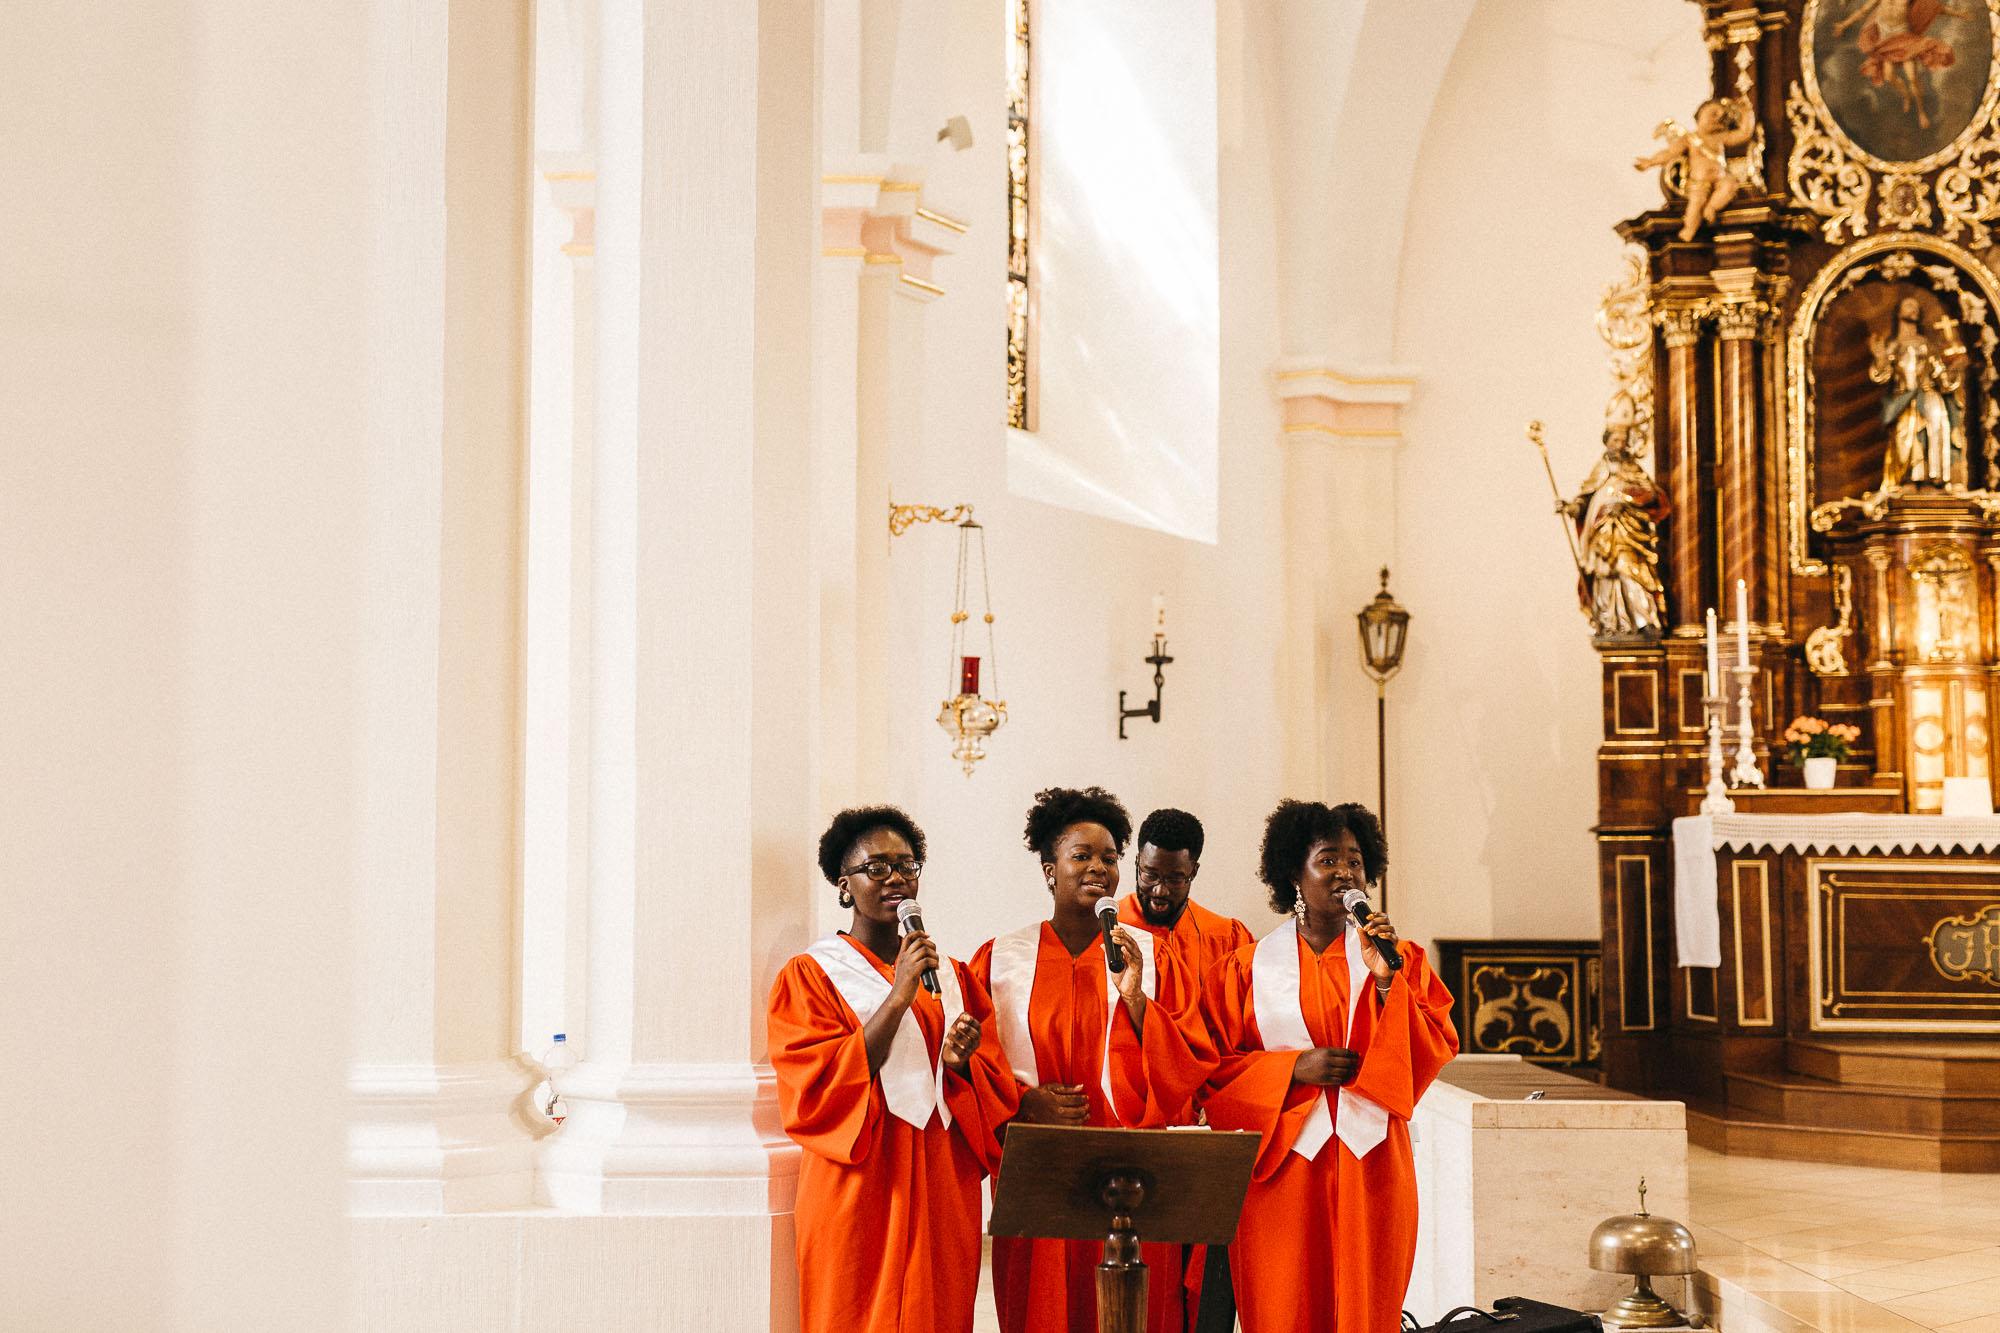 raissa simon photography wedding mosel kloster machern love authentic 159 - Kathrin + Dominik